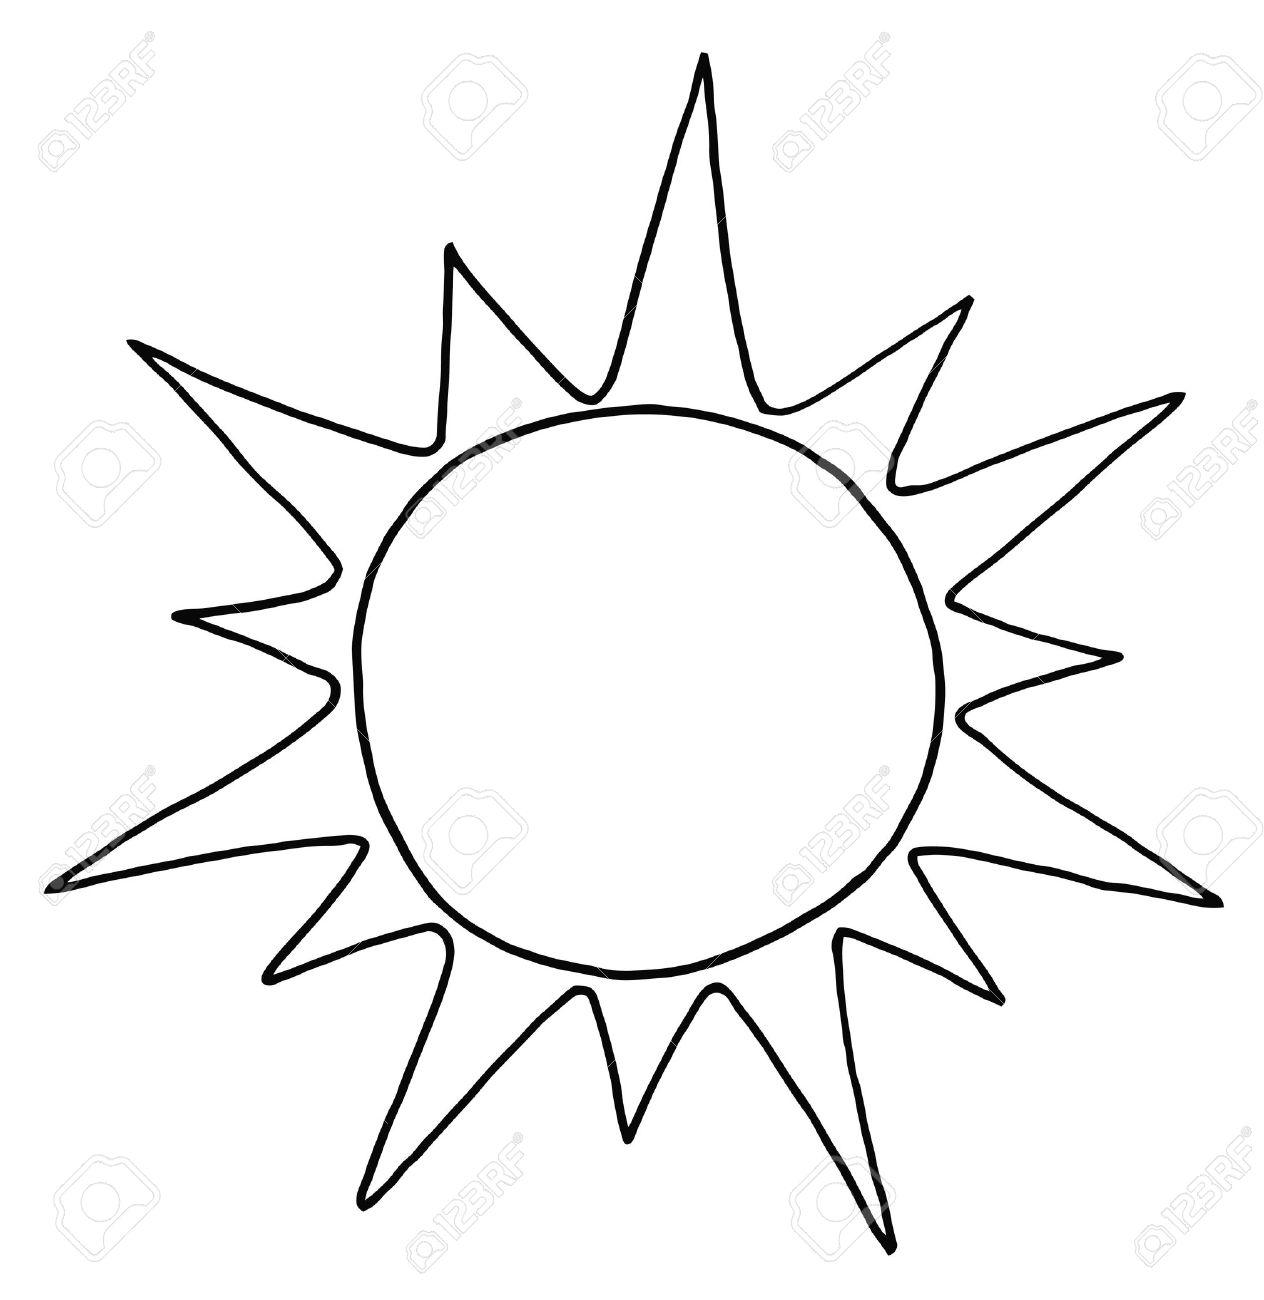 17 Clipart Sun Black Sun Clip Art Black And White Clipartlook